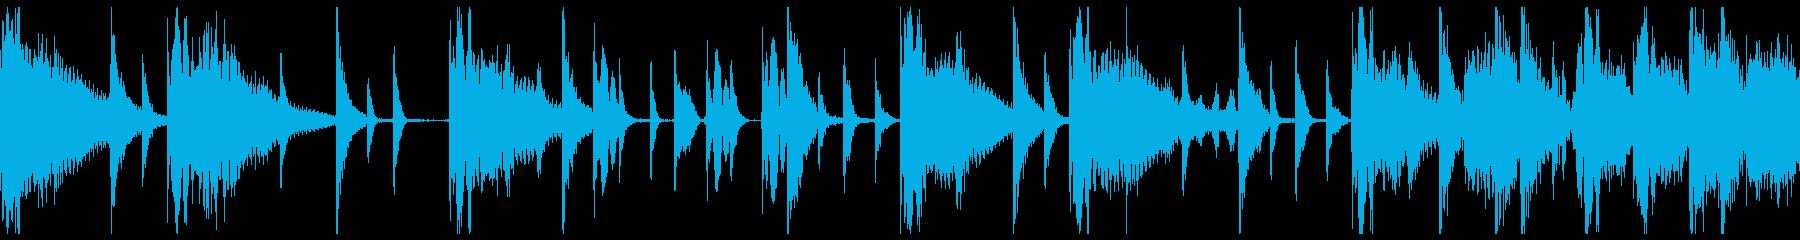 フュージョン ジャズ ファンク H...の再生済みの波形